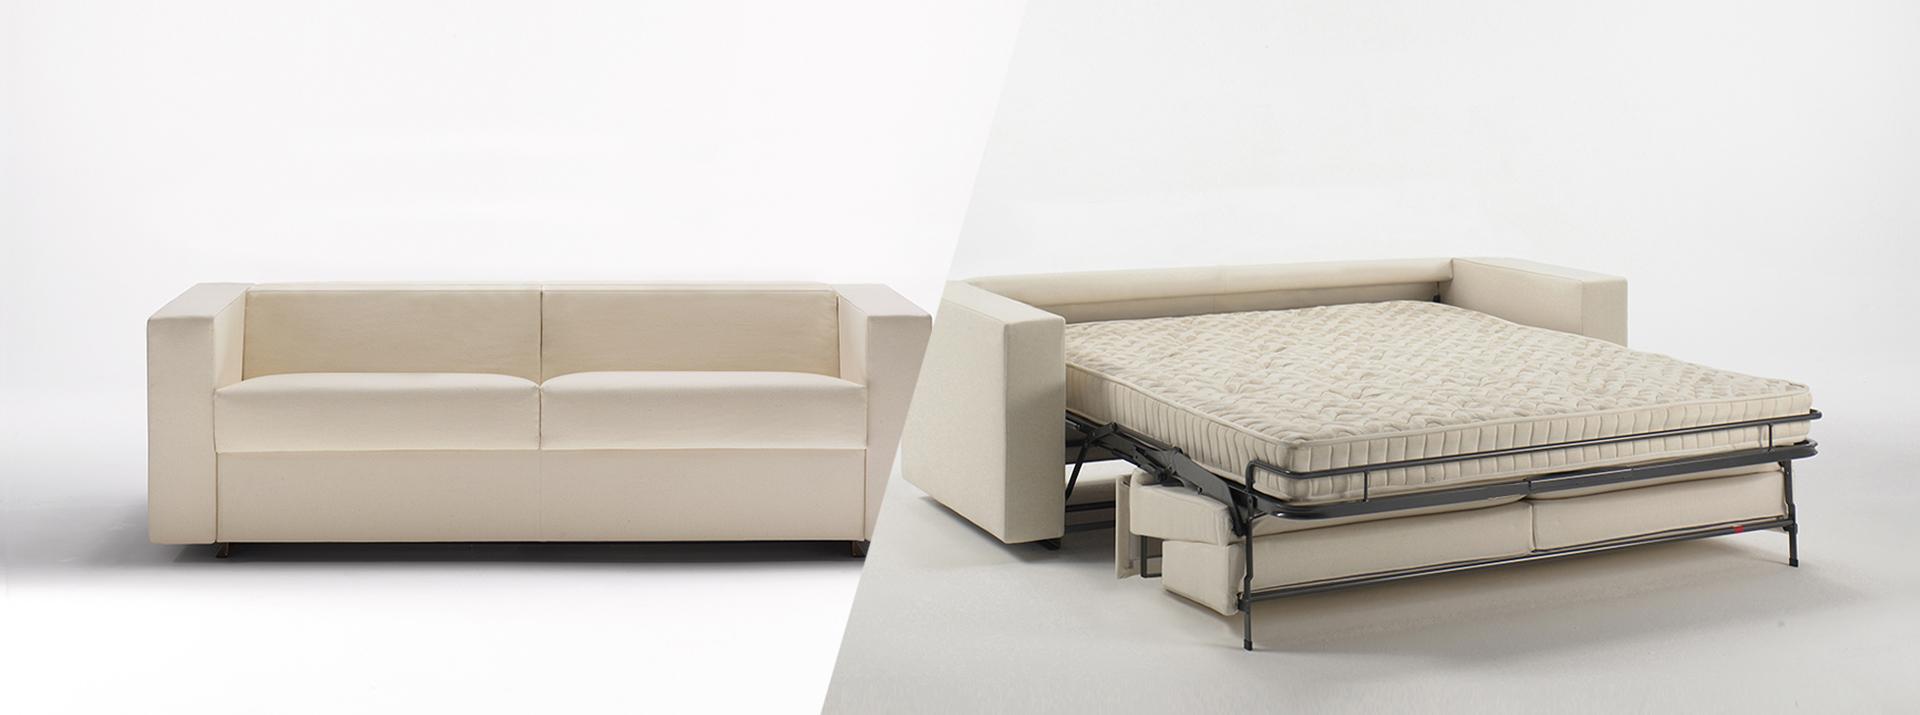 Slaapbank model 126